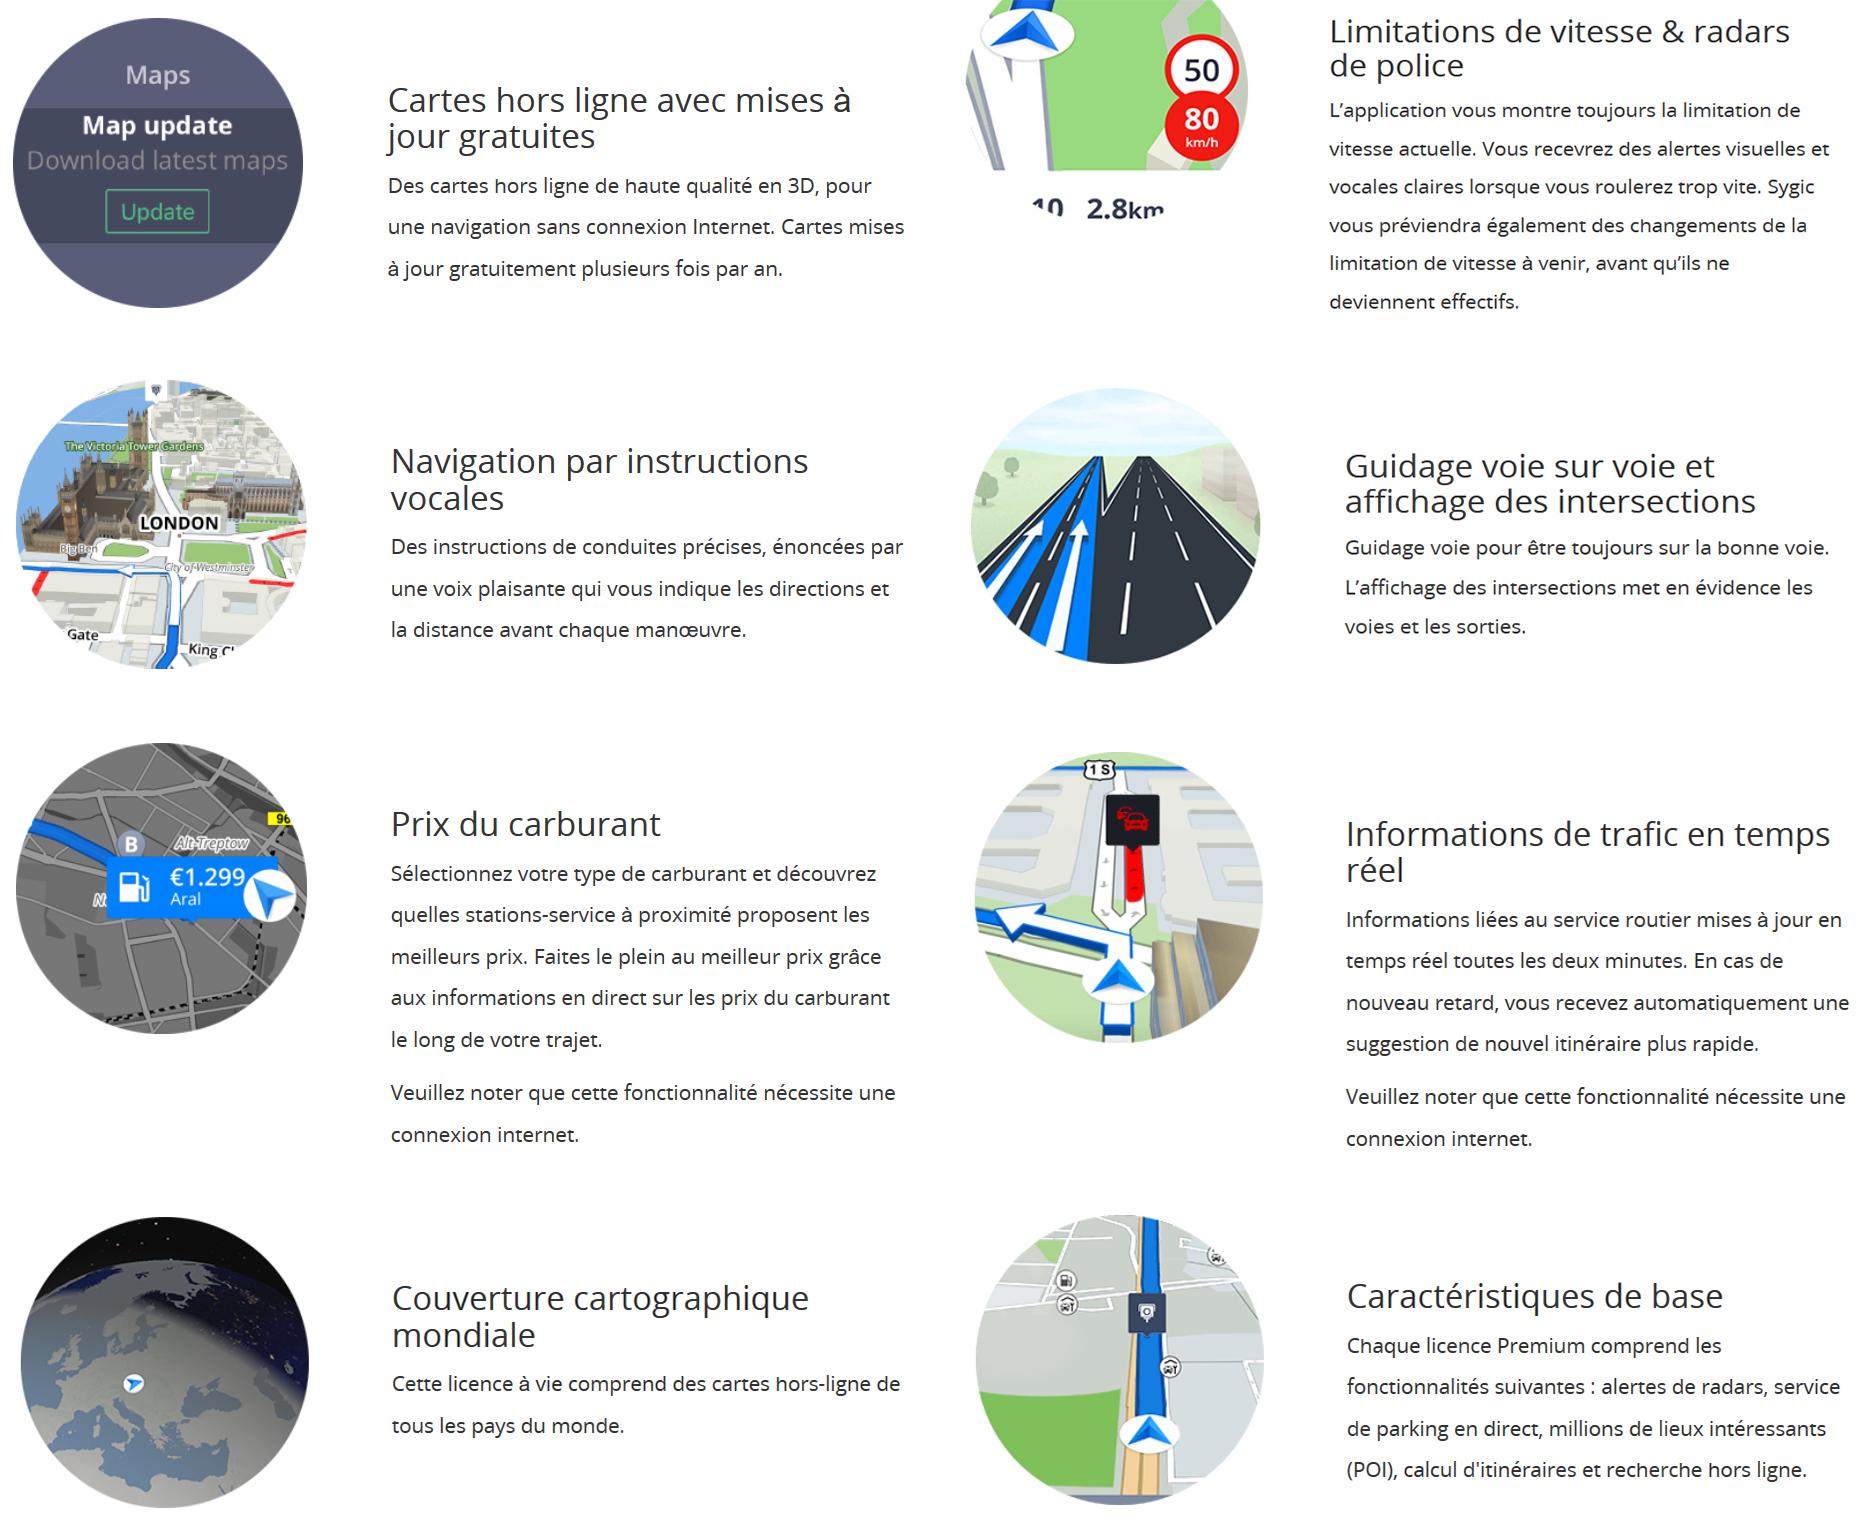 GPS TABLETTE DURCI 10 POUCES